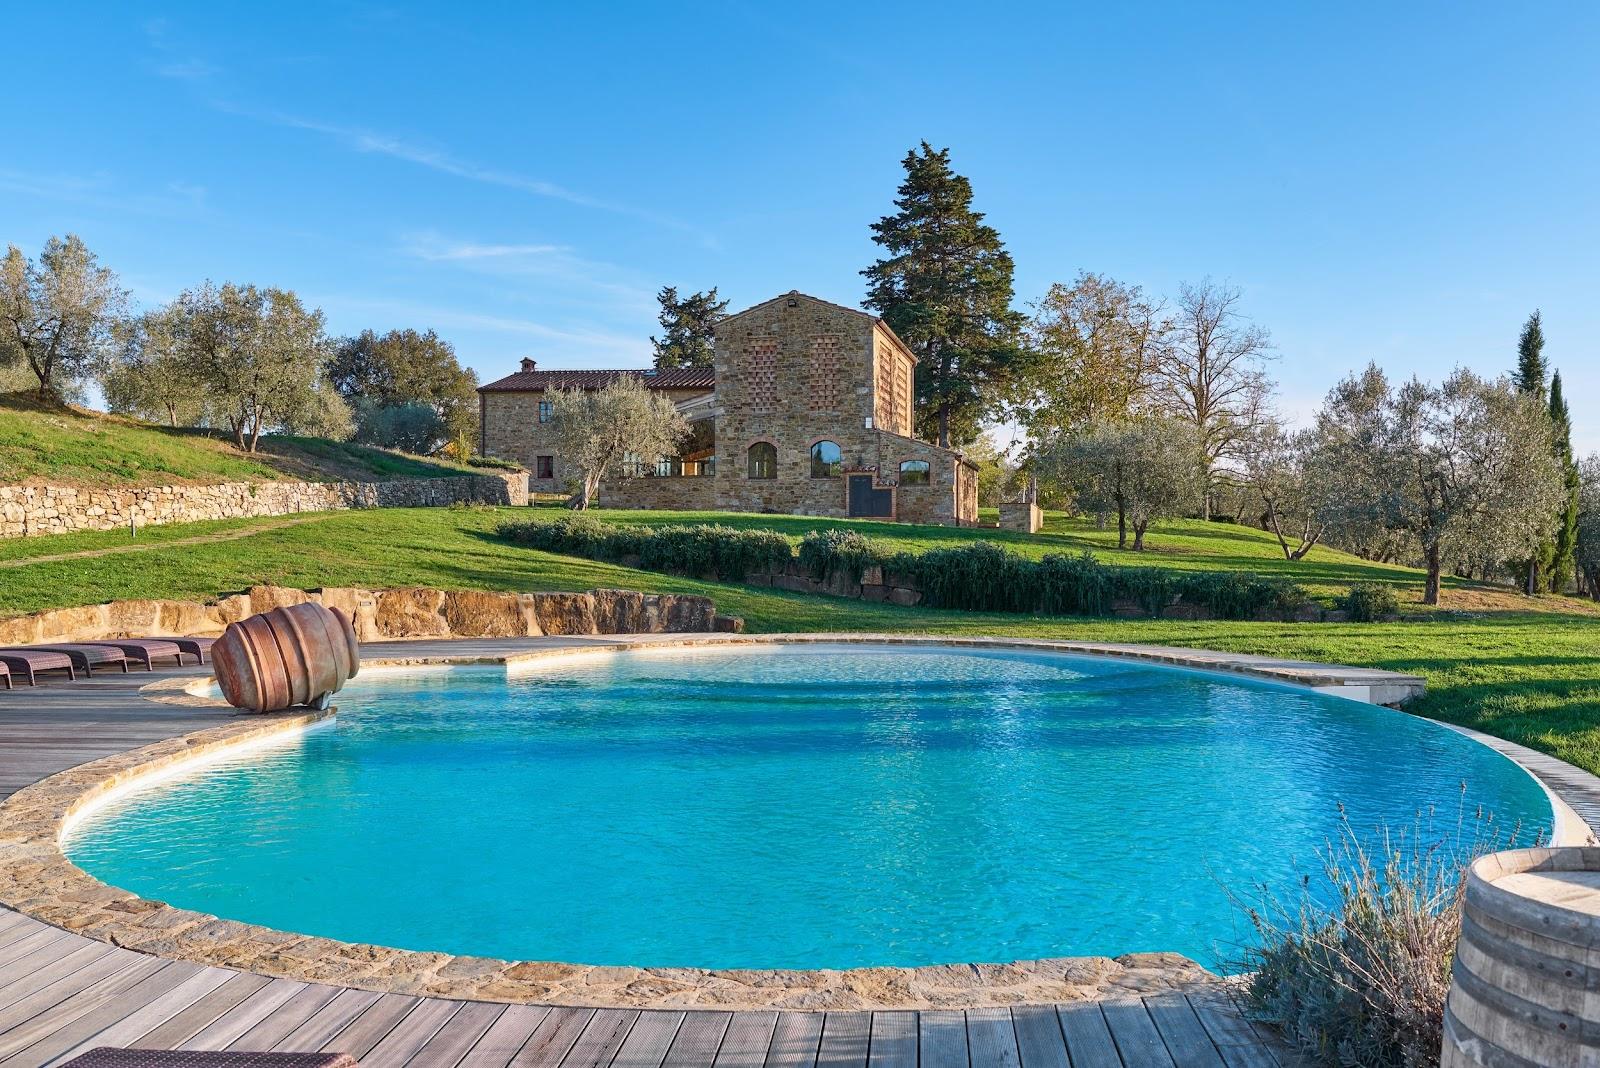 Ferienhaus Villa Belvedere (769342), Poggibonsi, Florenz - Chianti - Mugello, Toskana, Italien, Bild 1